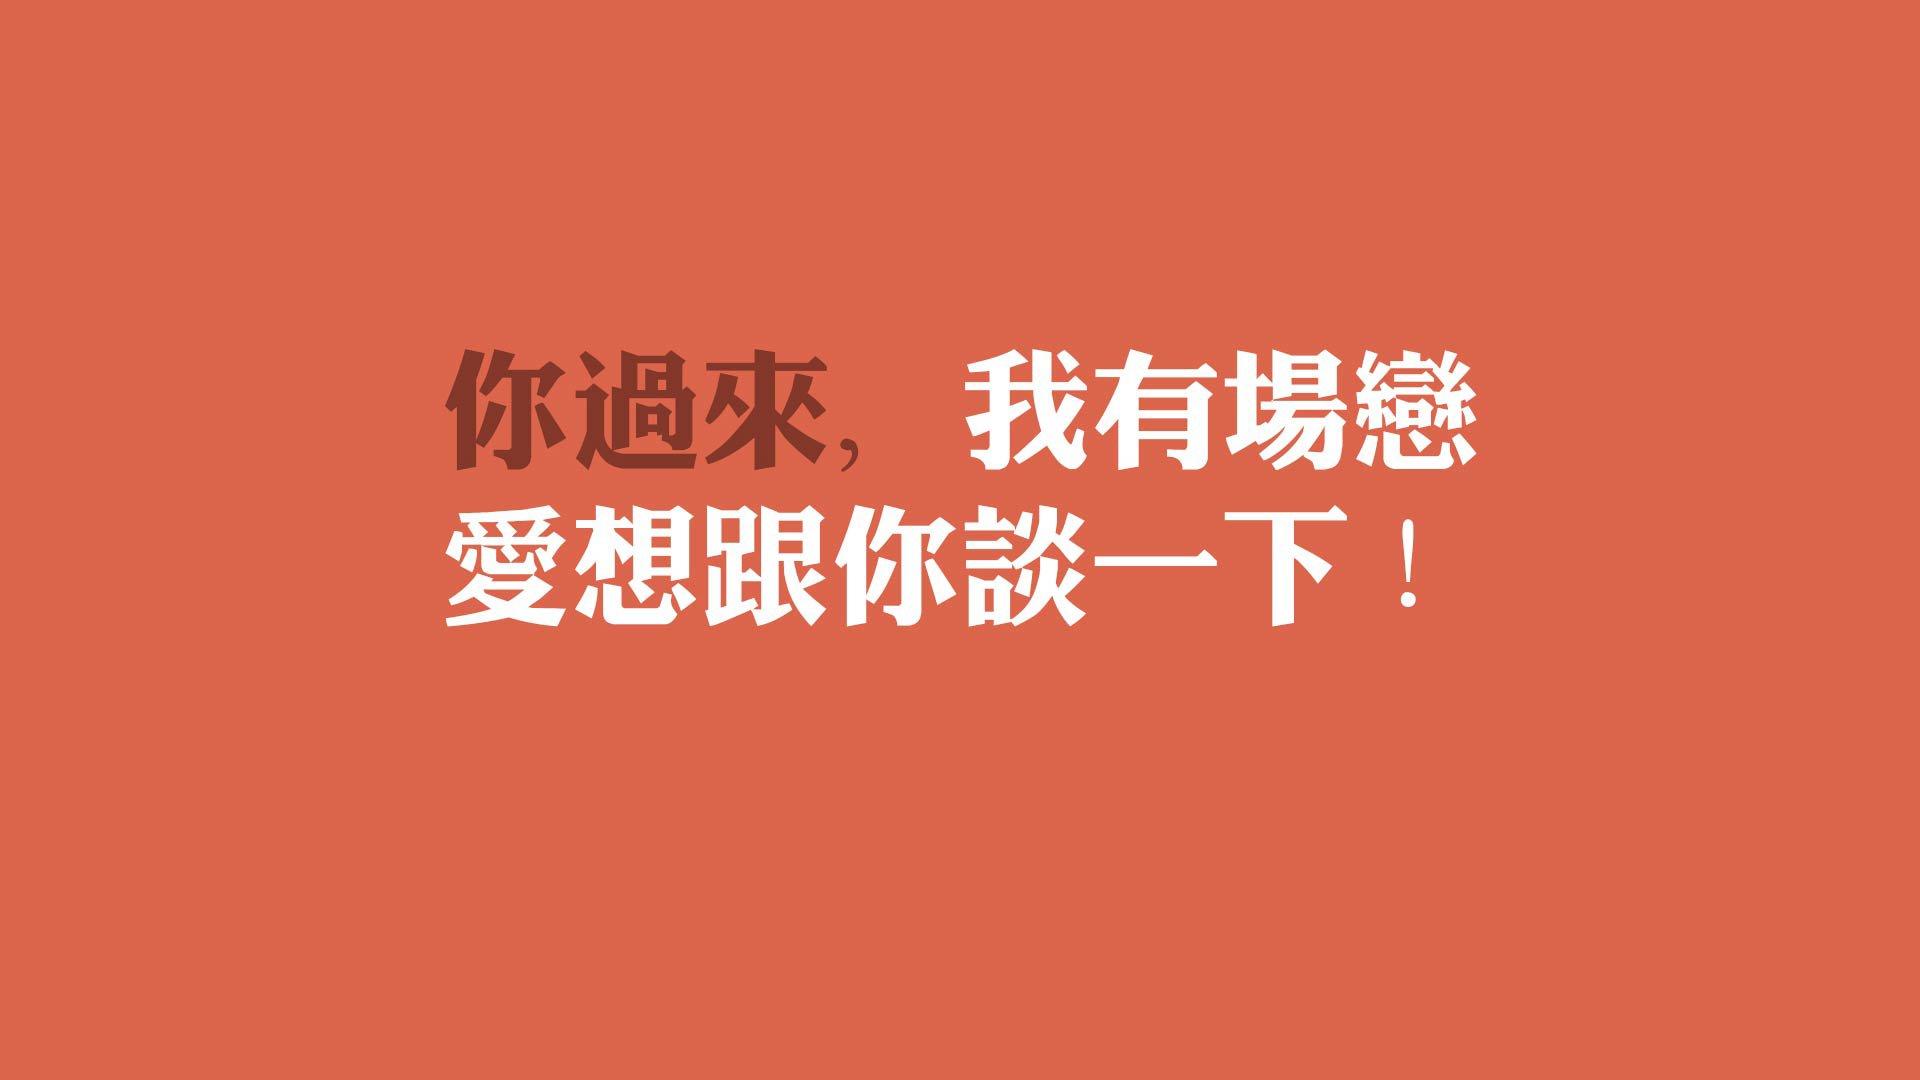 金徽酒历史最高股价33元:众泰汽车股价跌  第2张